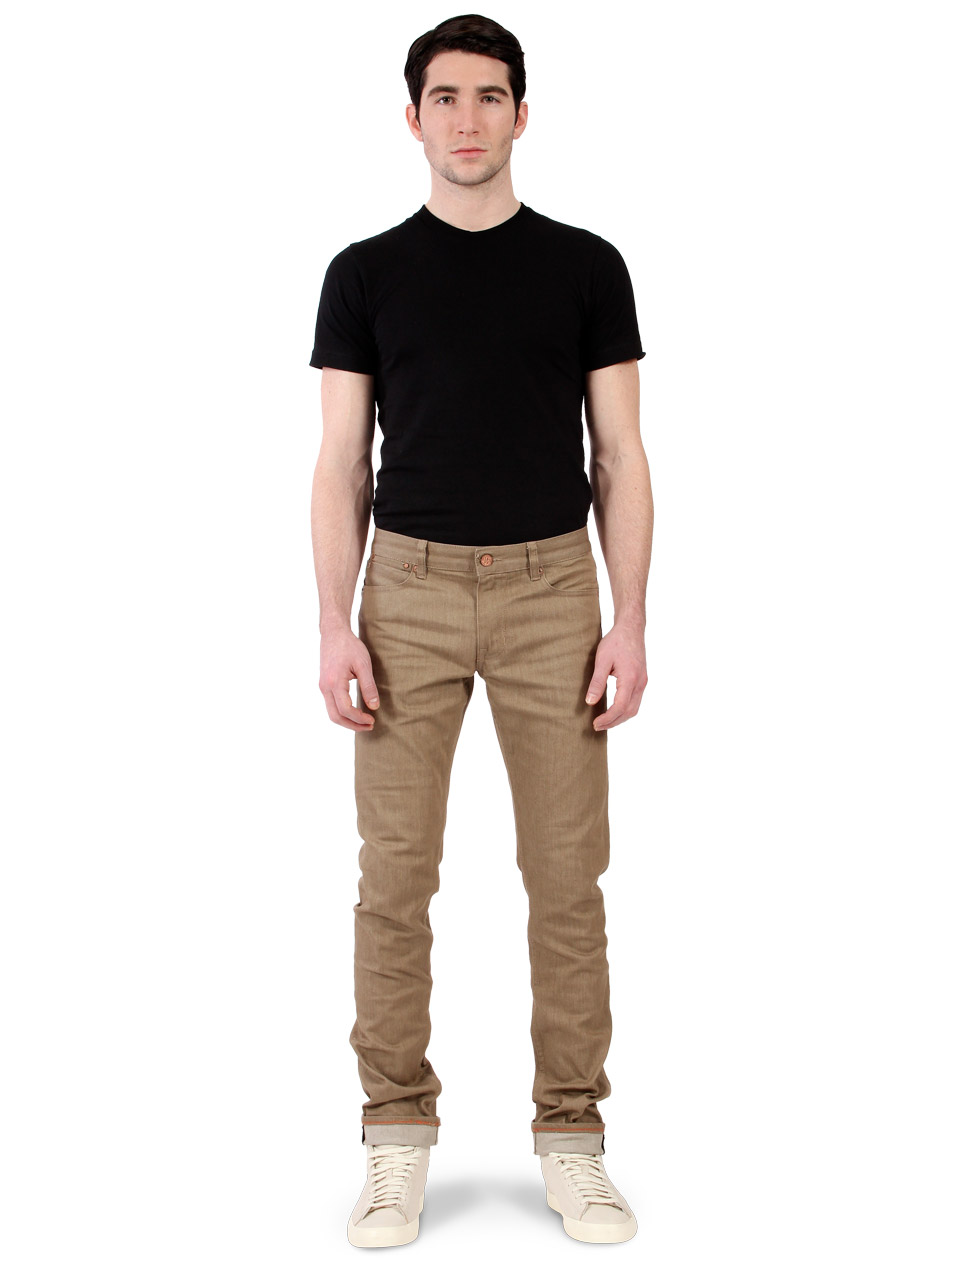 male kjokken gront  : Male Model wearing men's tan jeans